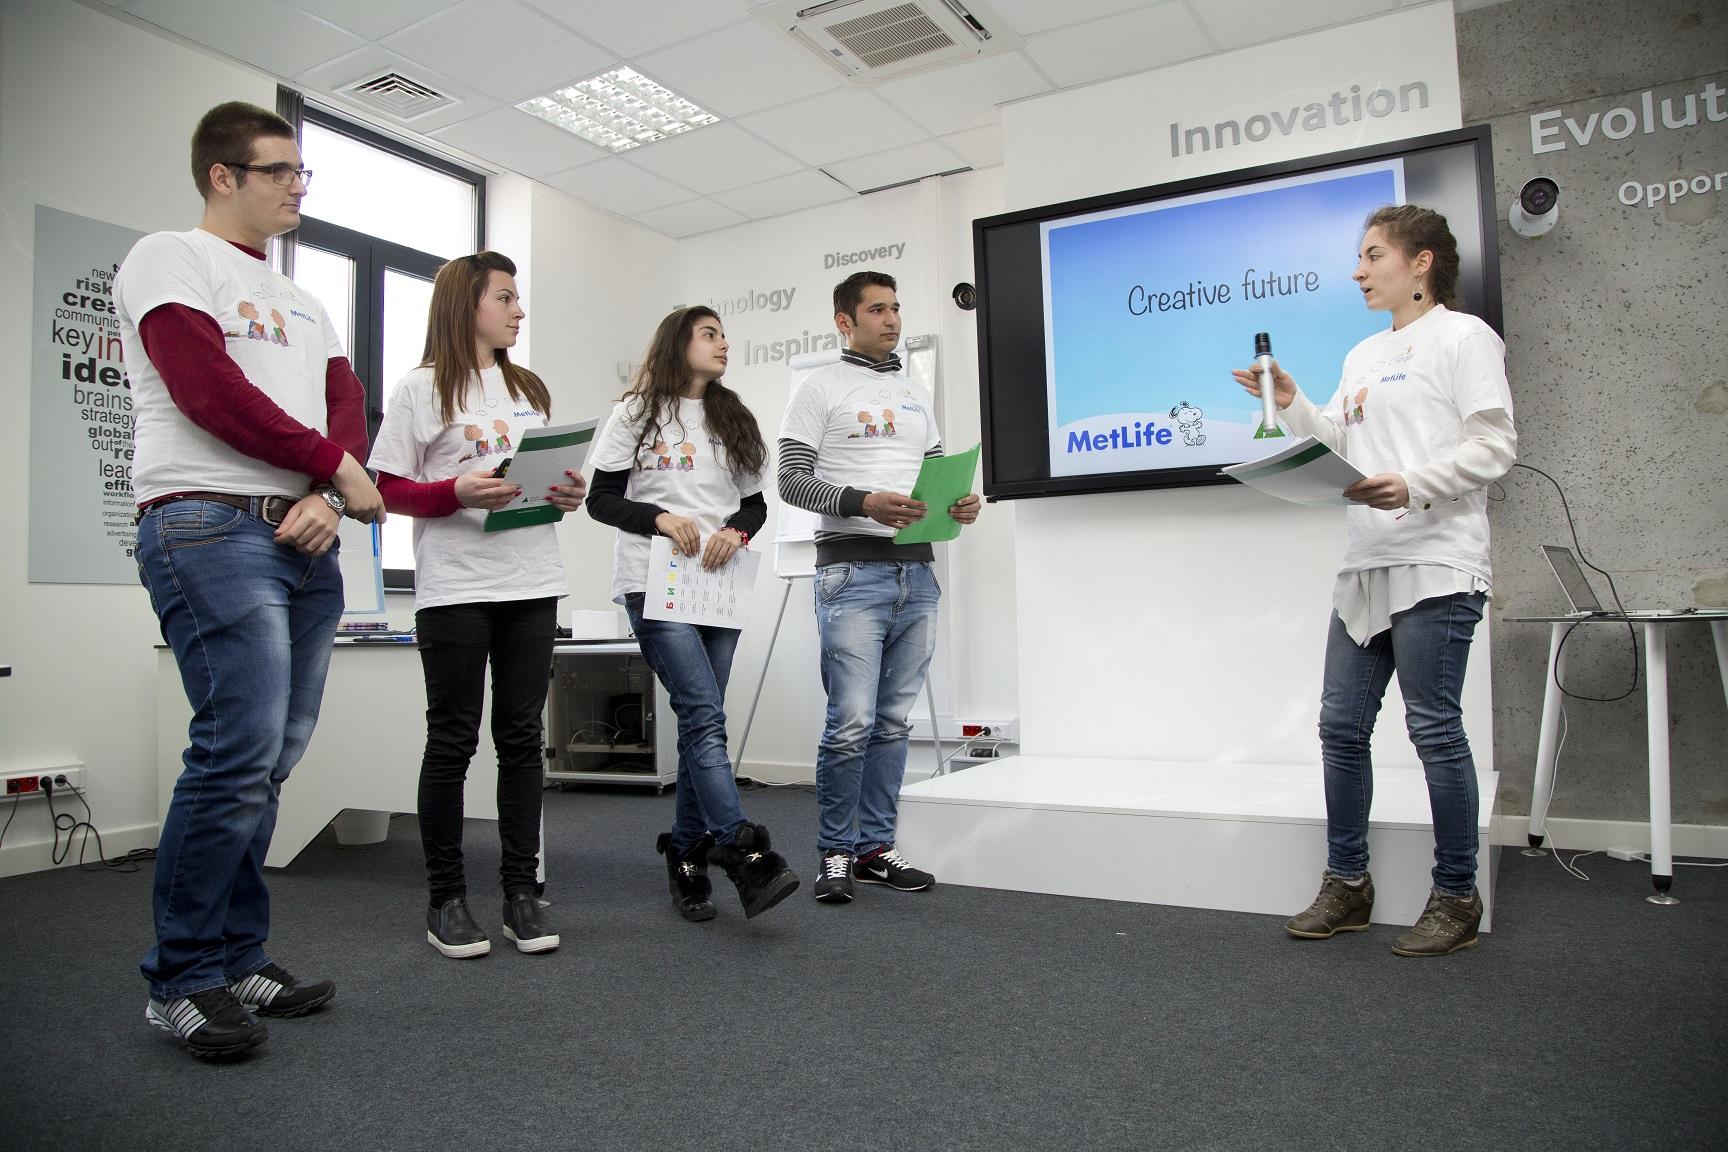 Creative future prezentirat